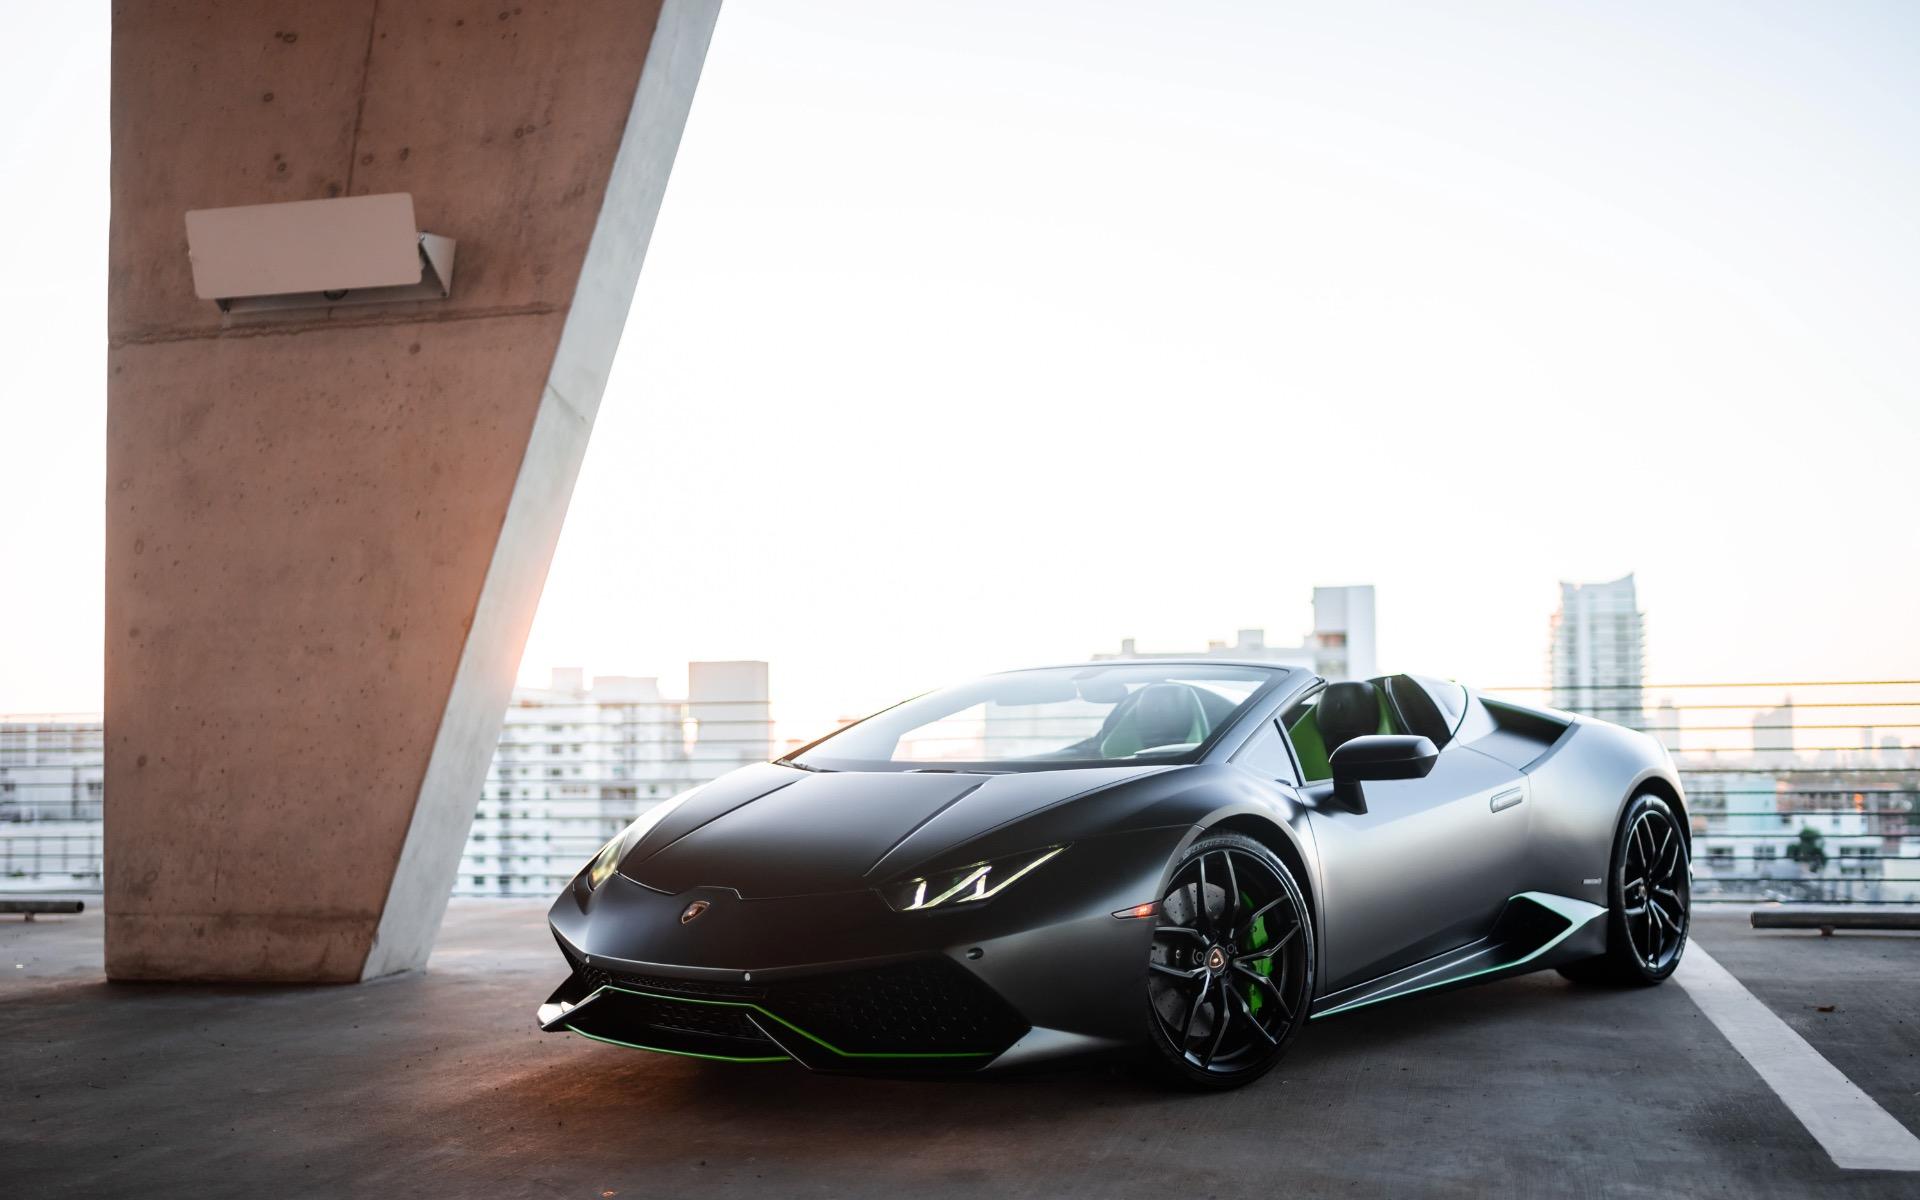 2017 Lamborghini Huracan For Sale 1 199 At Mvp Atlanta In